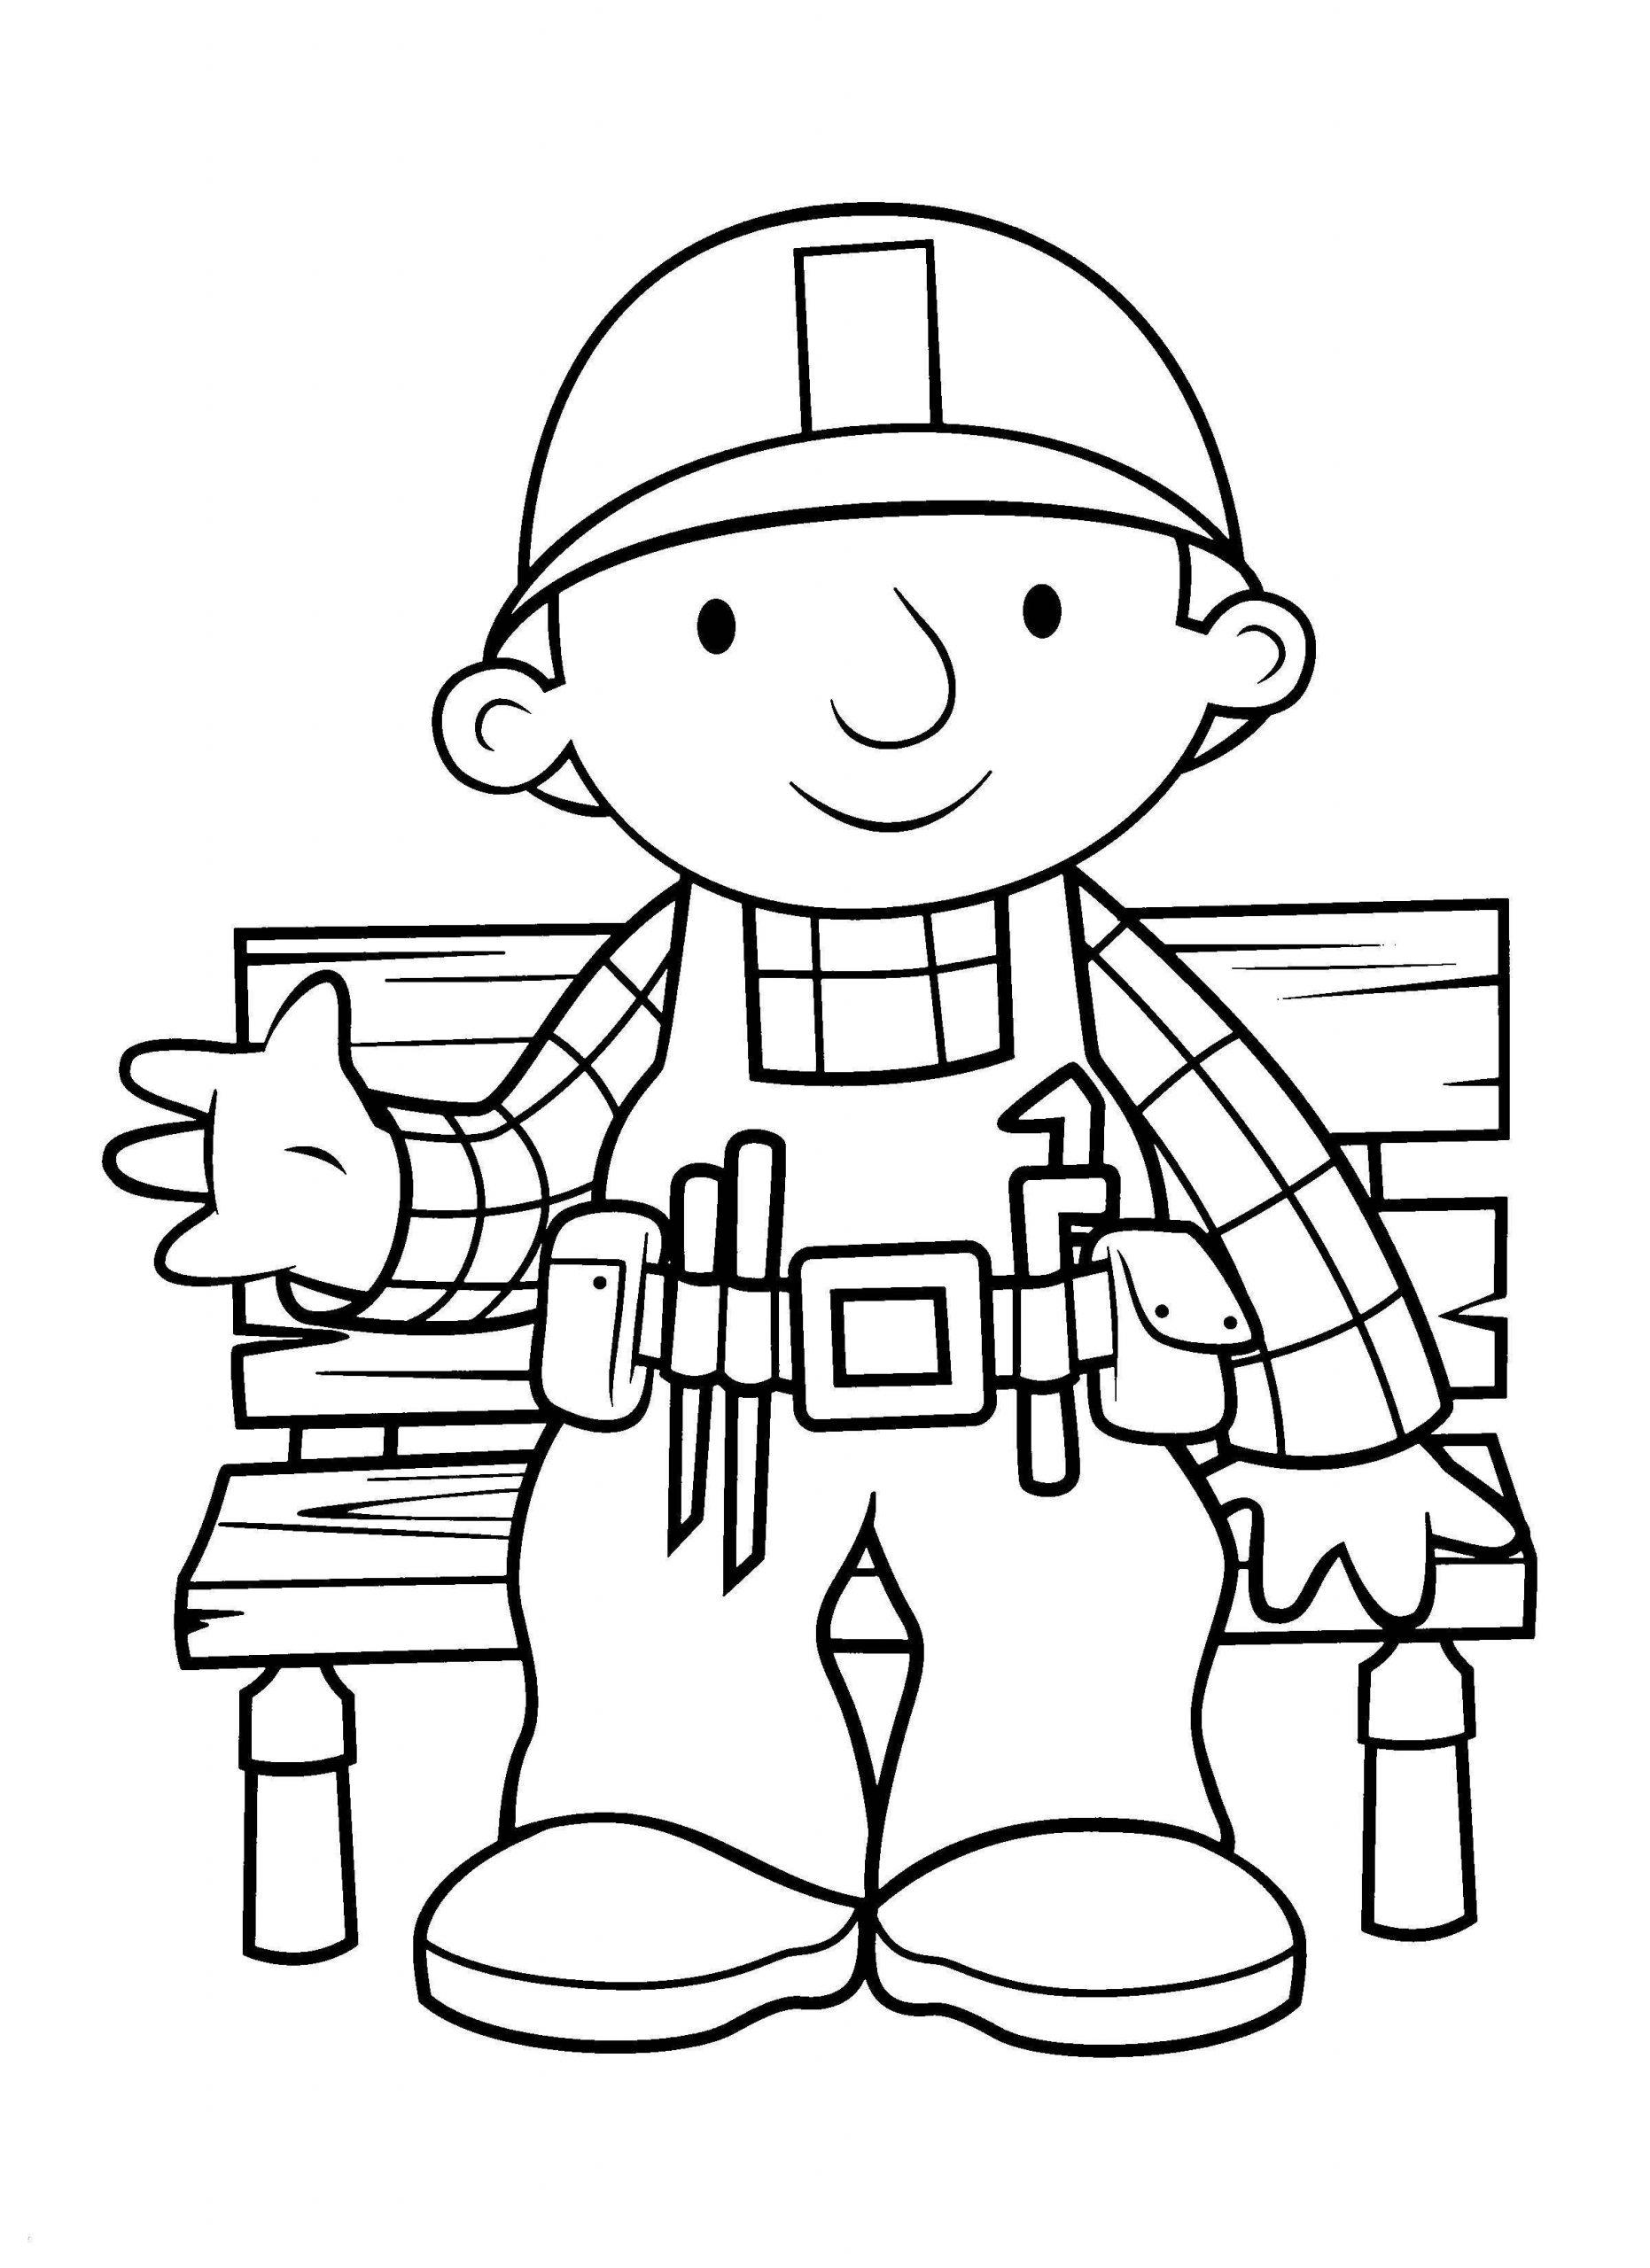 Malvorlage Bob Der Baumeister Druckbare Färbung Malvorlagen ganzes Bob Der Baumeister Malvorlage